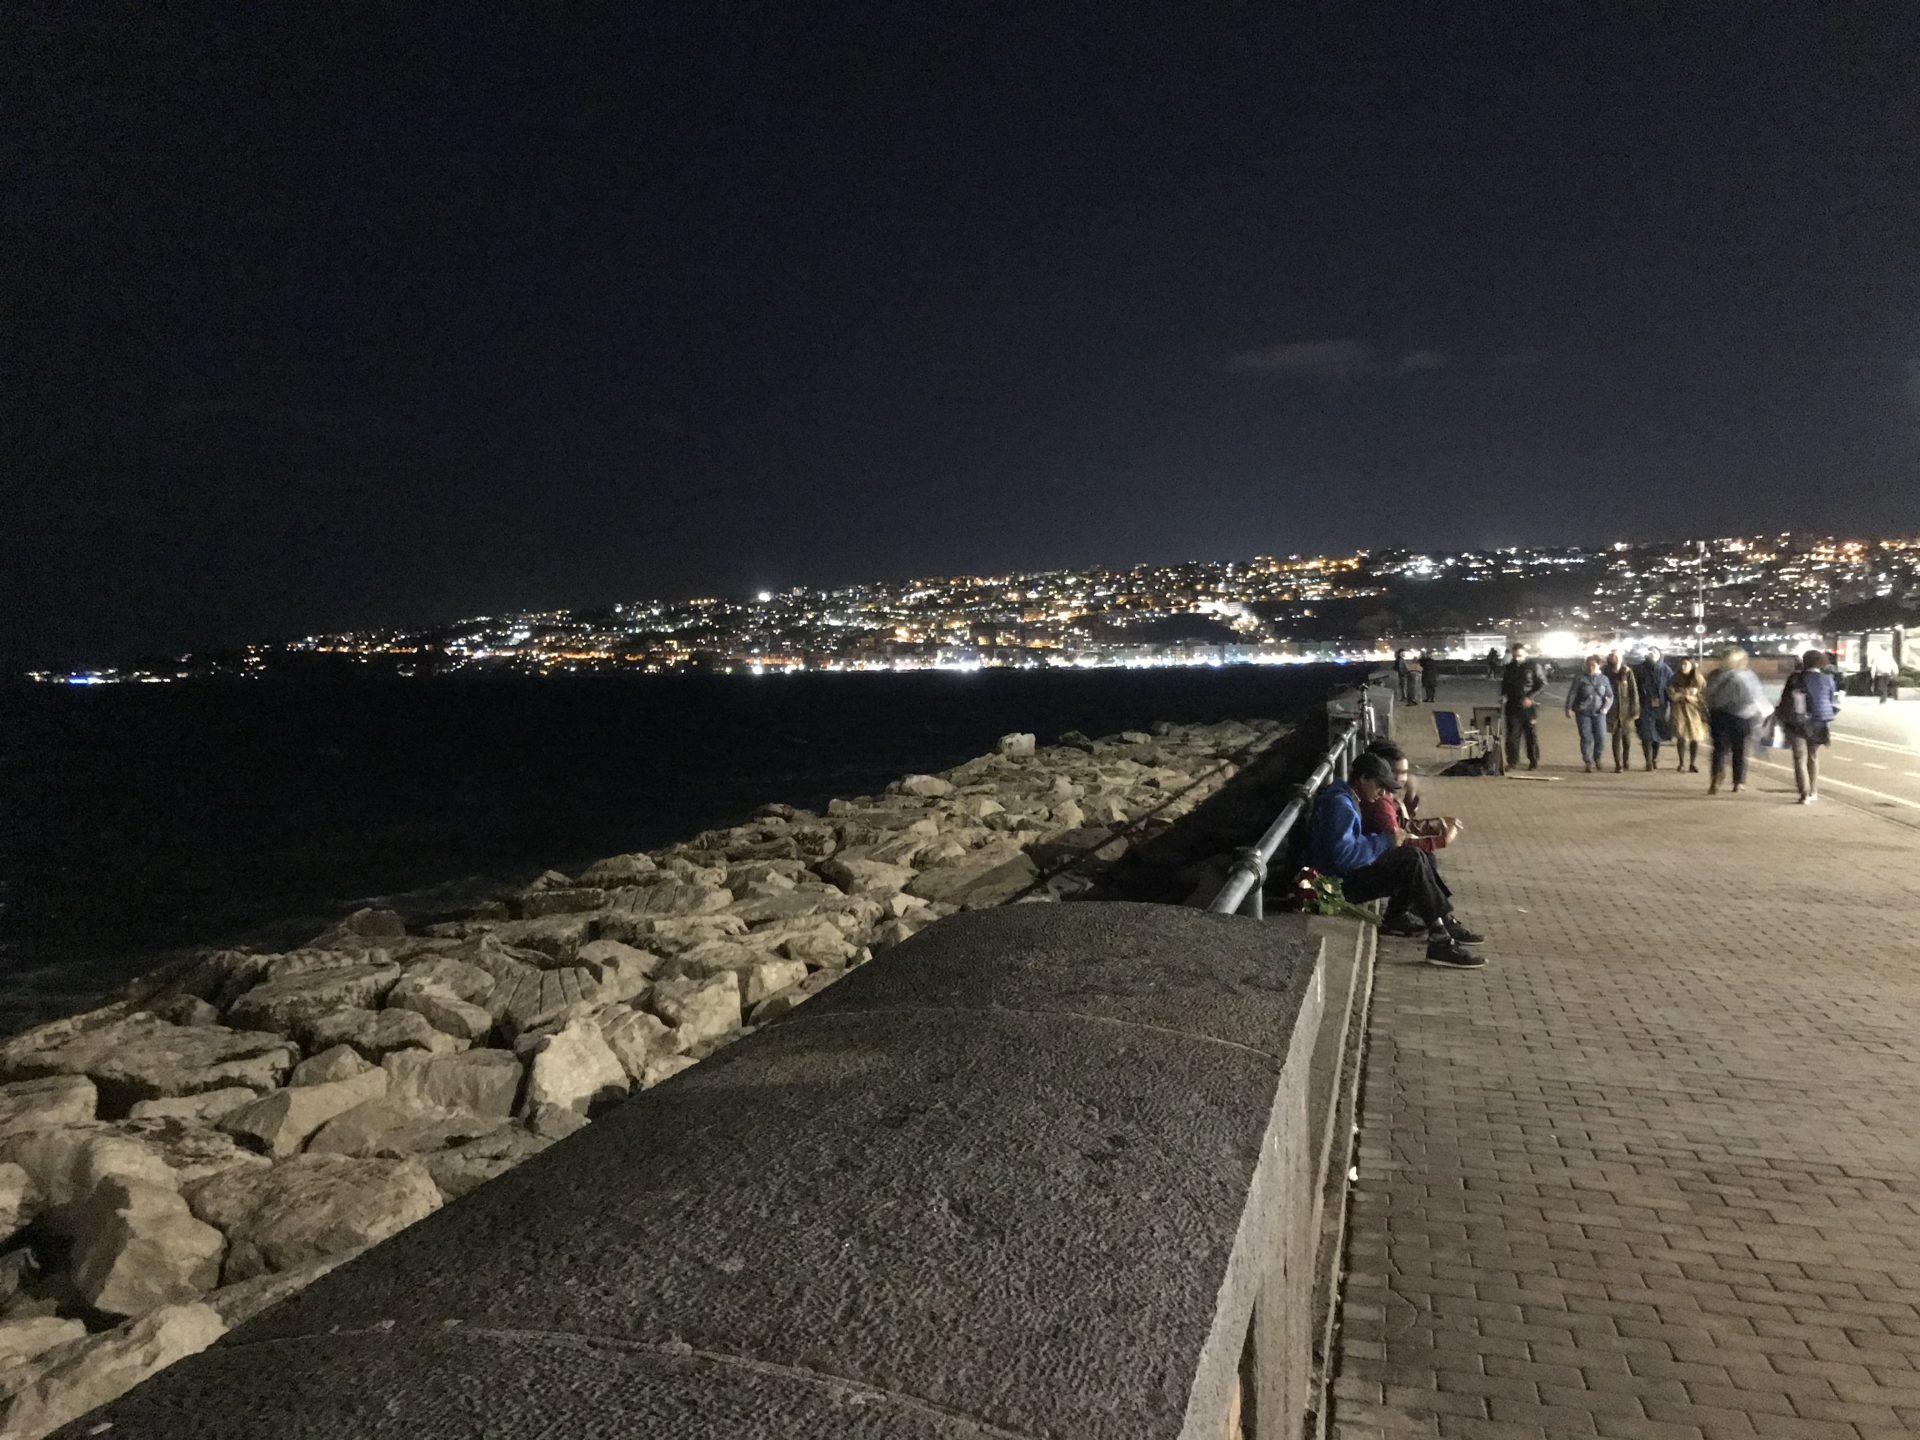 Nachts auf dem lungomare in Neapel